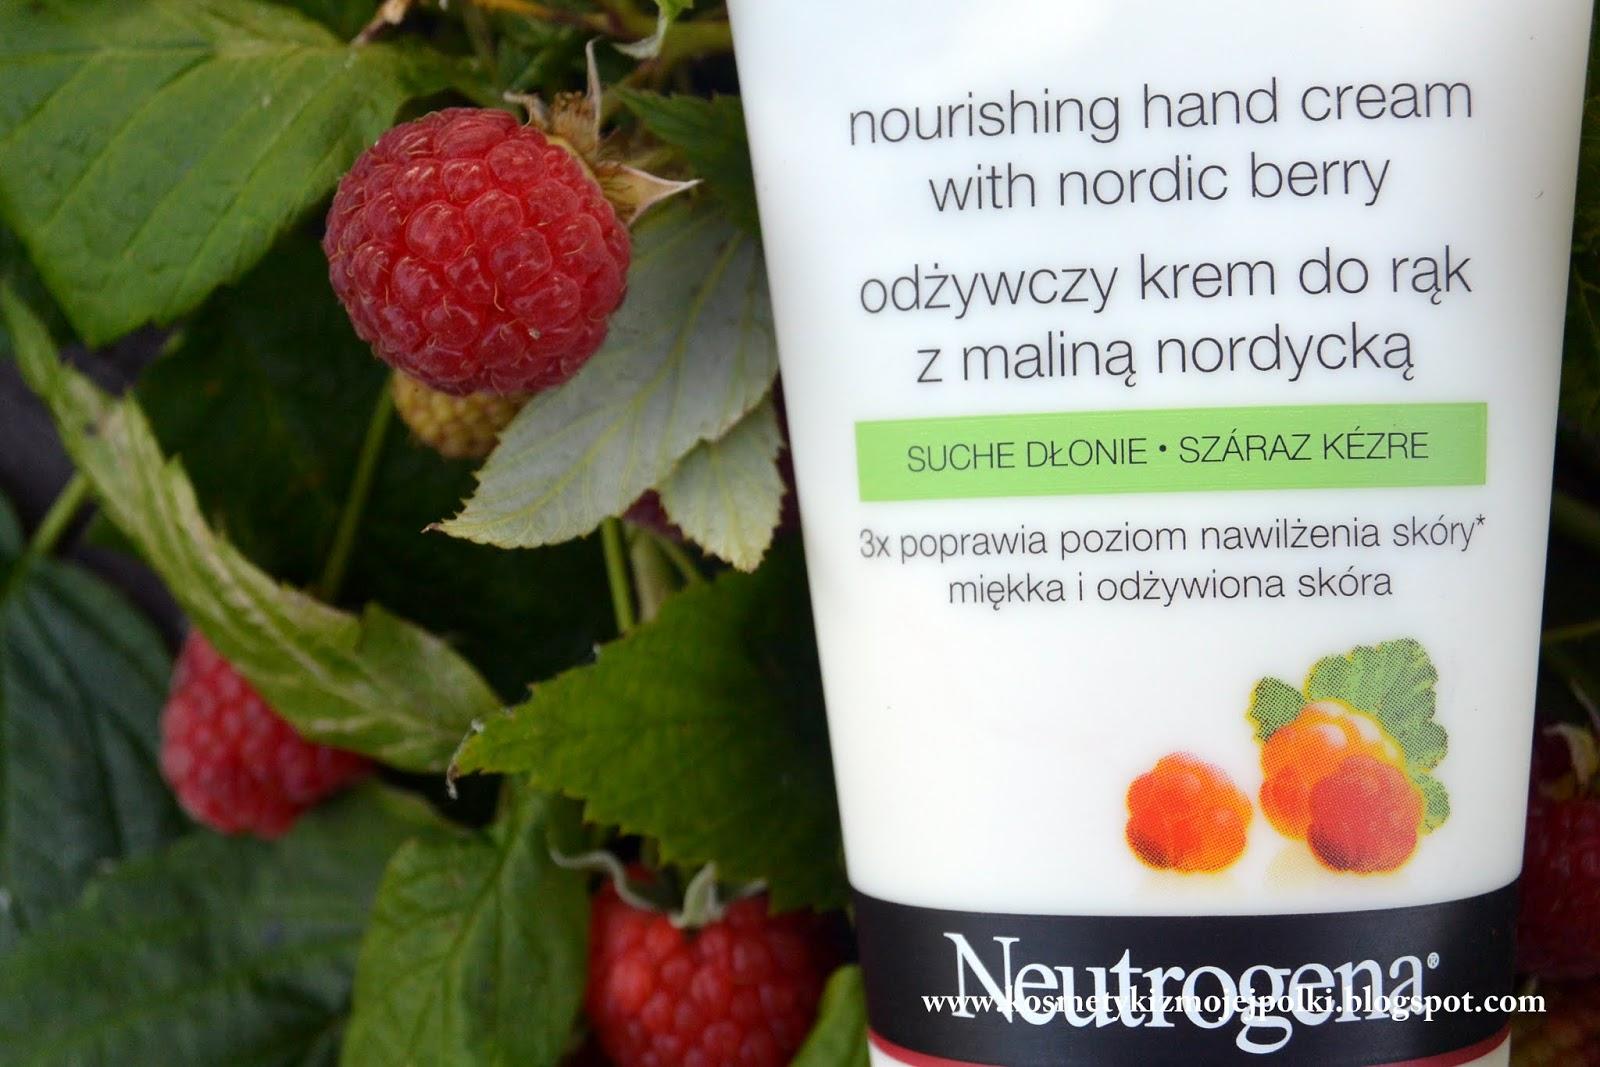 W pogoni za maliną nordycką – krem do rąk Neutrogena